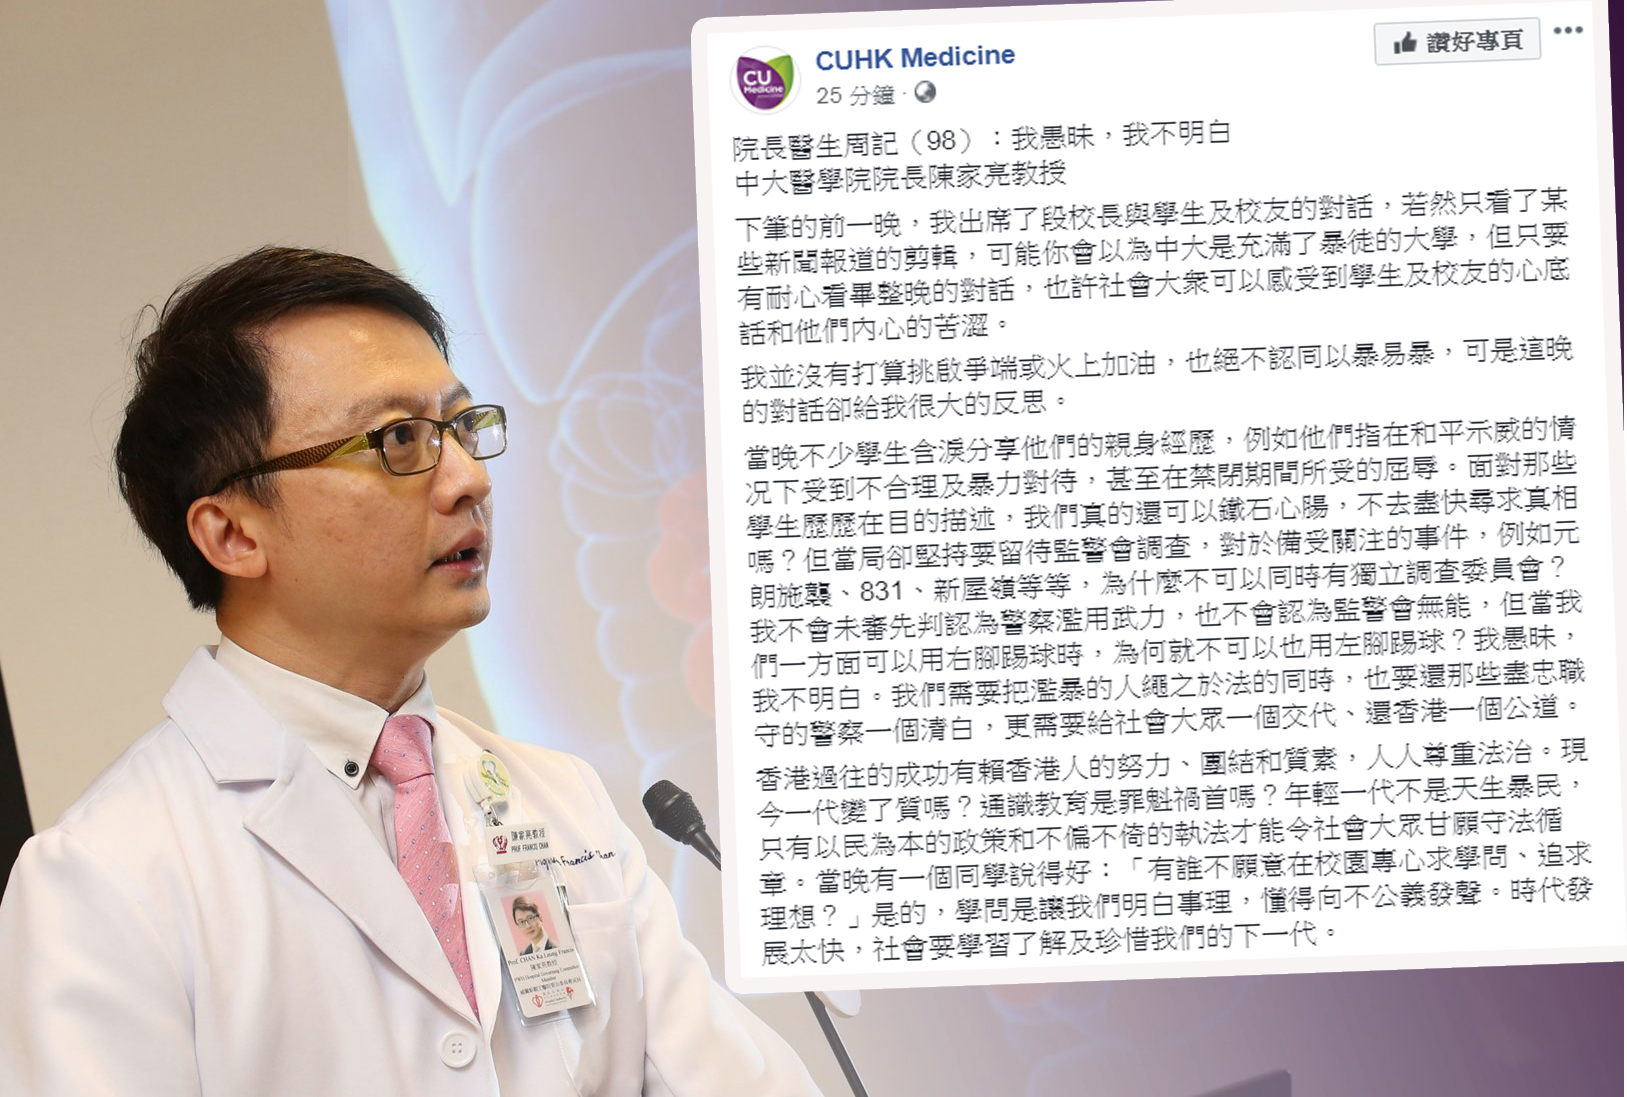 中大醫學院院長陳家亮今日於社交網站撰文,題為「我愚昧,我不明白」。 CUHK Medicine FB圖